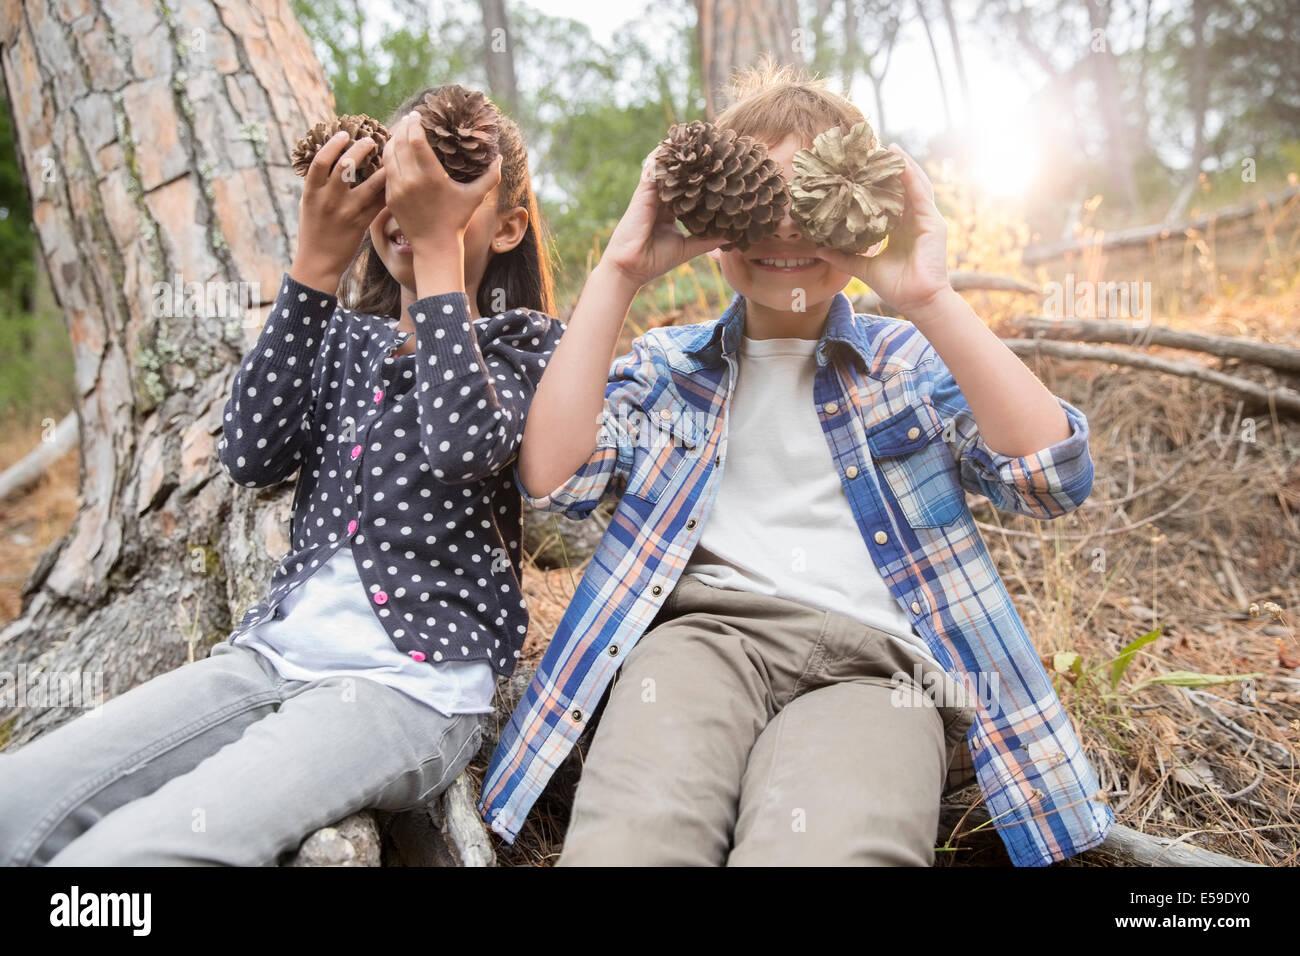 Kinder spielen mit Tannenzapfen im Wald Stockbild